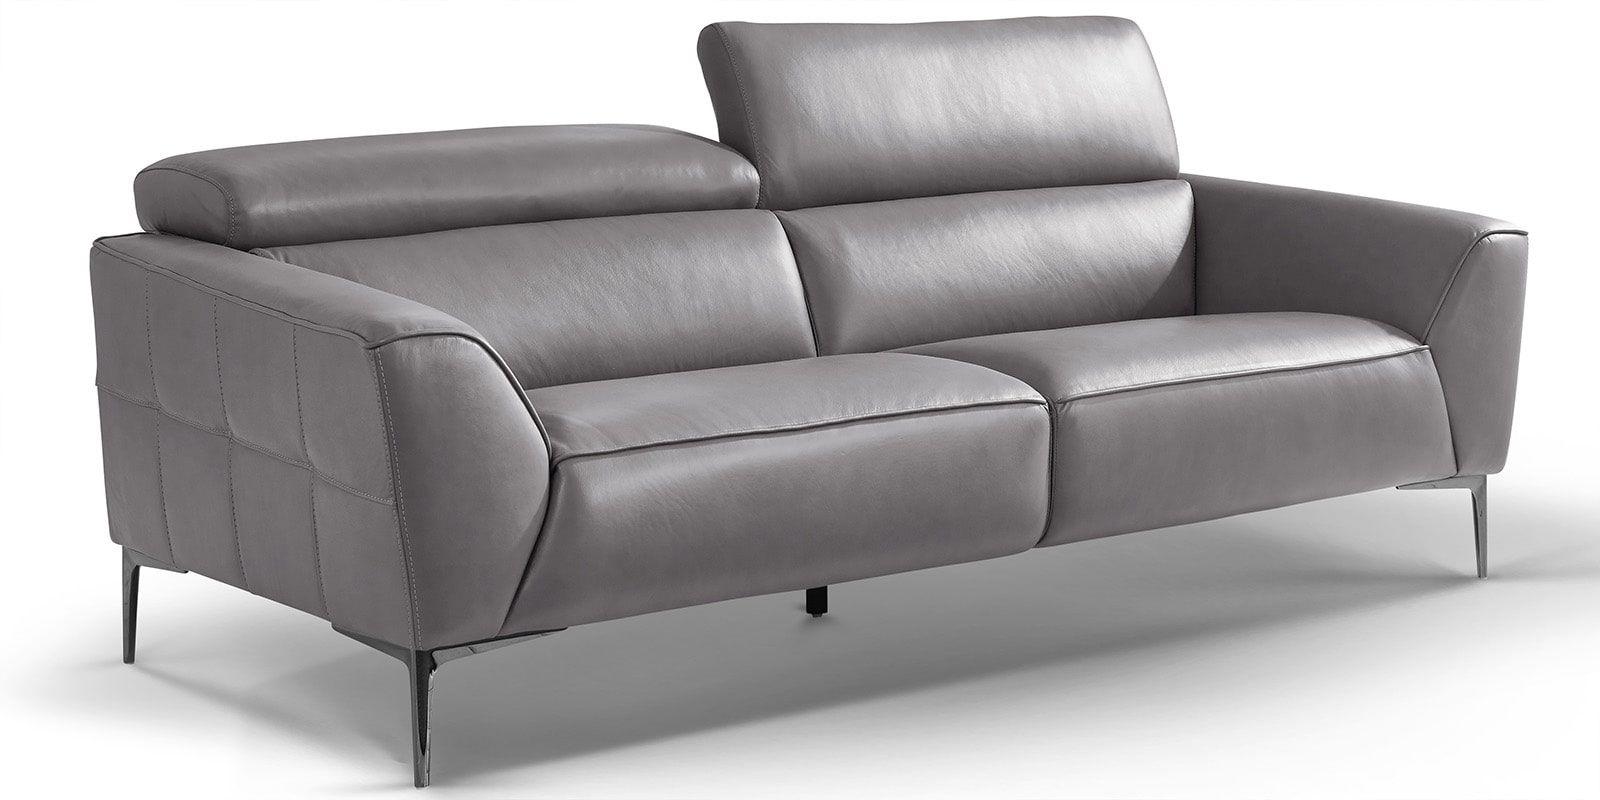 3 Sitzer Design Ledercouch Lazio Mit Chromfussen Comfort2home Ledercouch Couch Bequemes Sofa